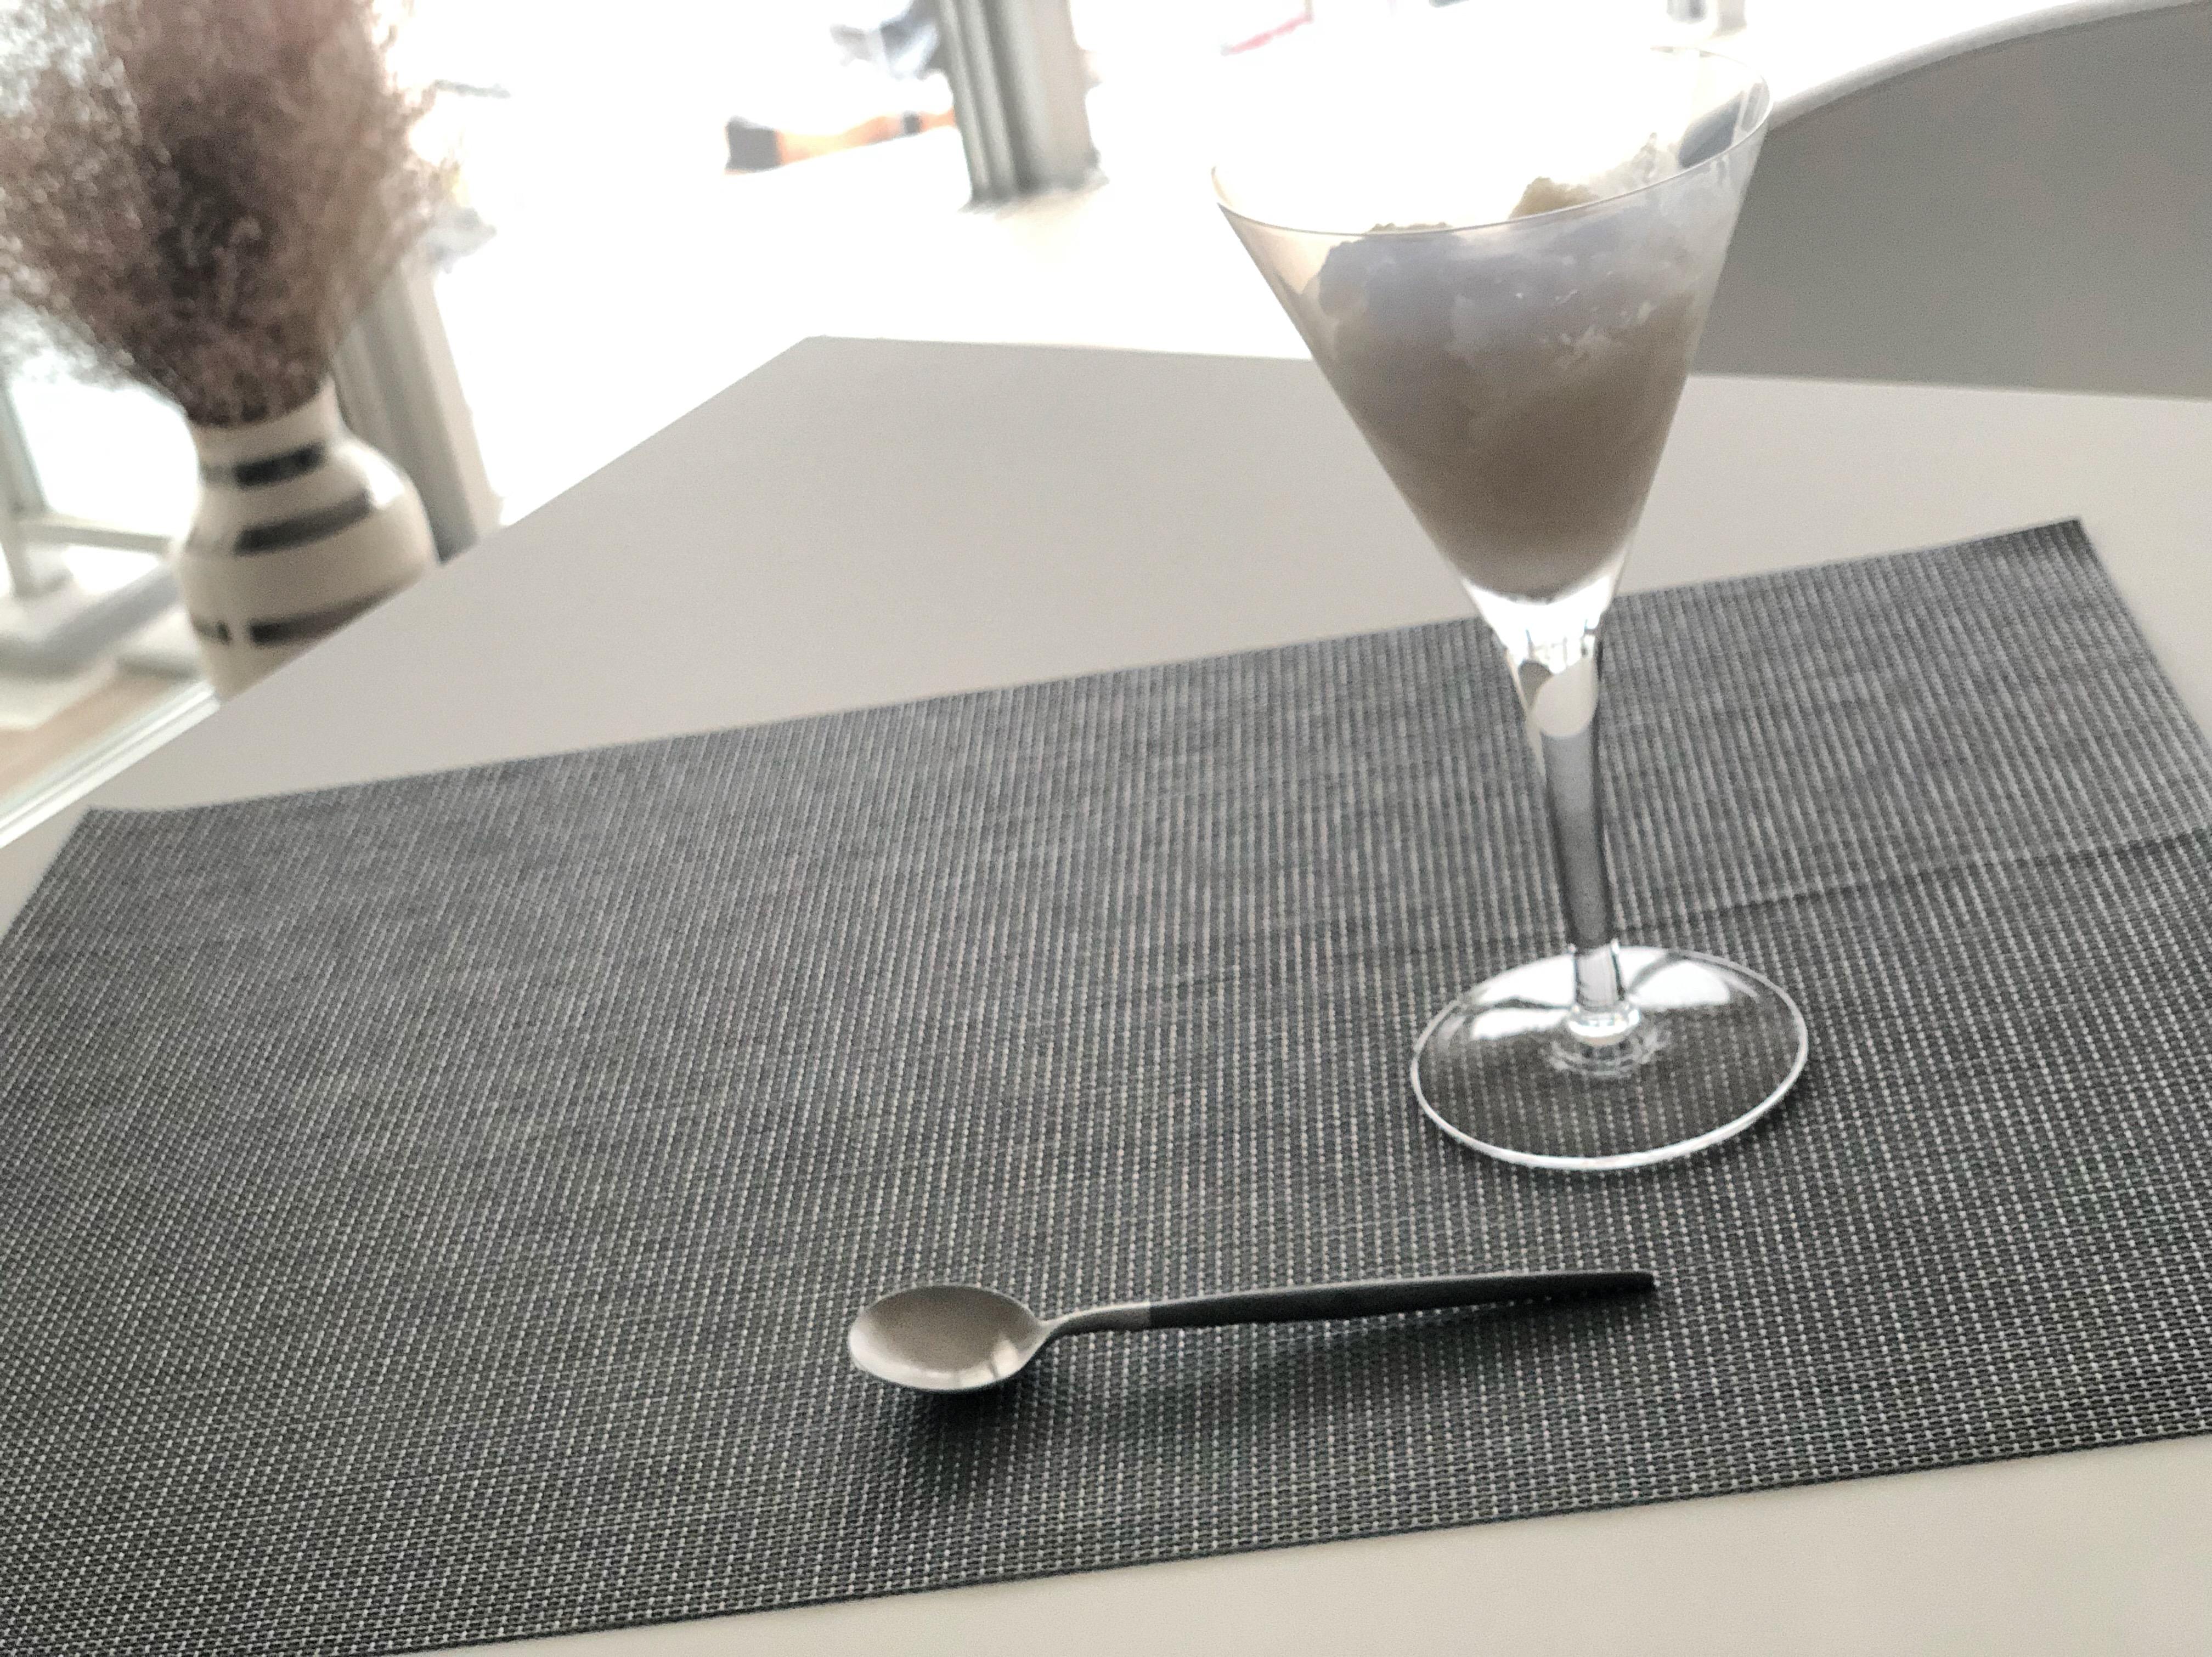 作業時間はたった10秒!飲む点滴の甘酒をアイスにしちゃう!